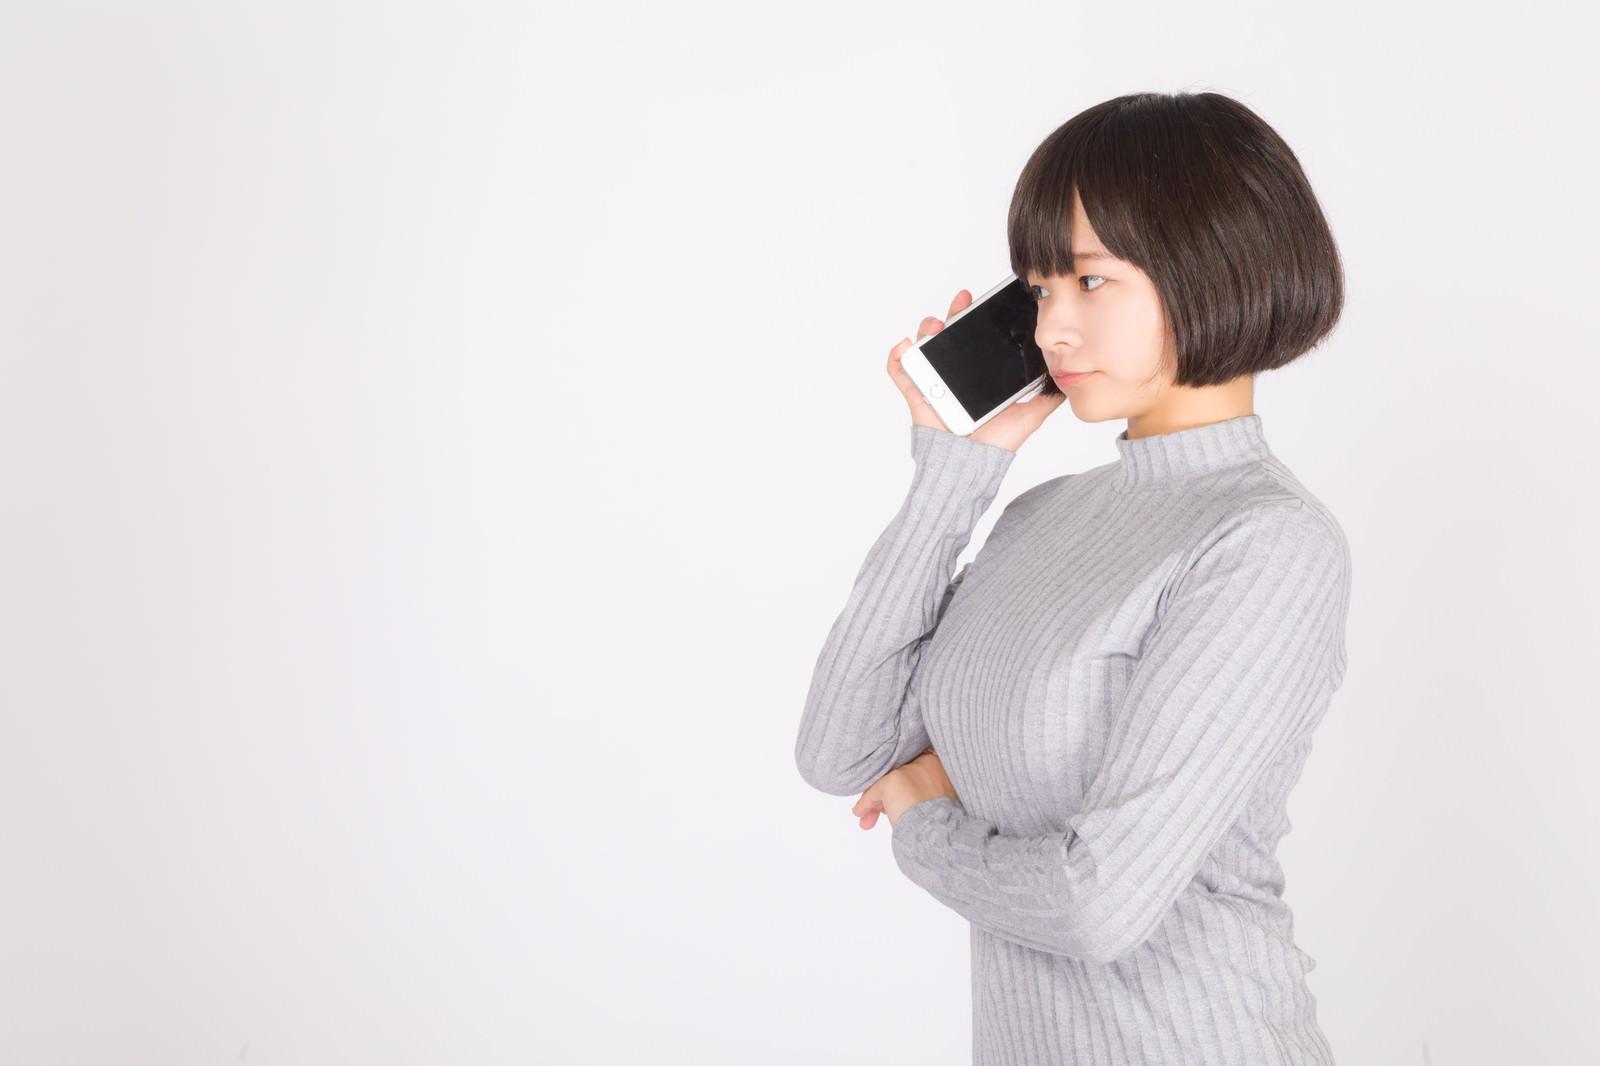 「スマートフォンで音声通話する若い女性」の写真[モデル:千歳]